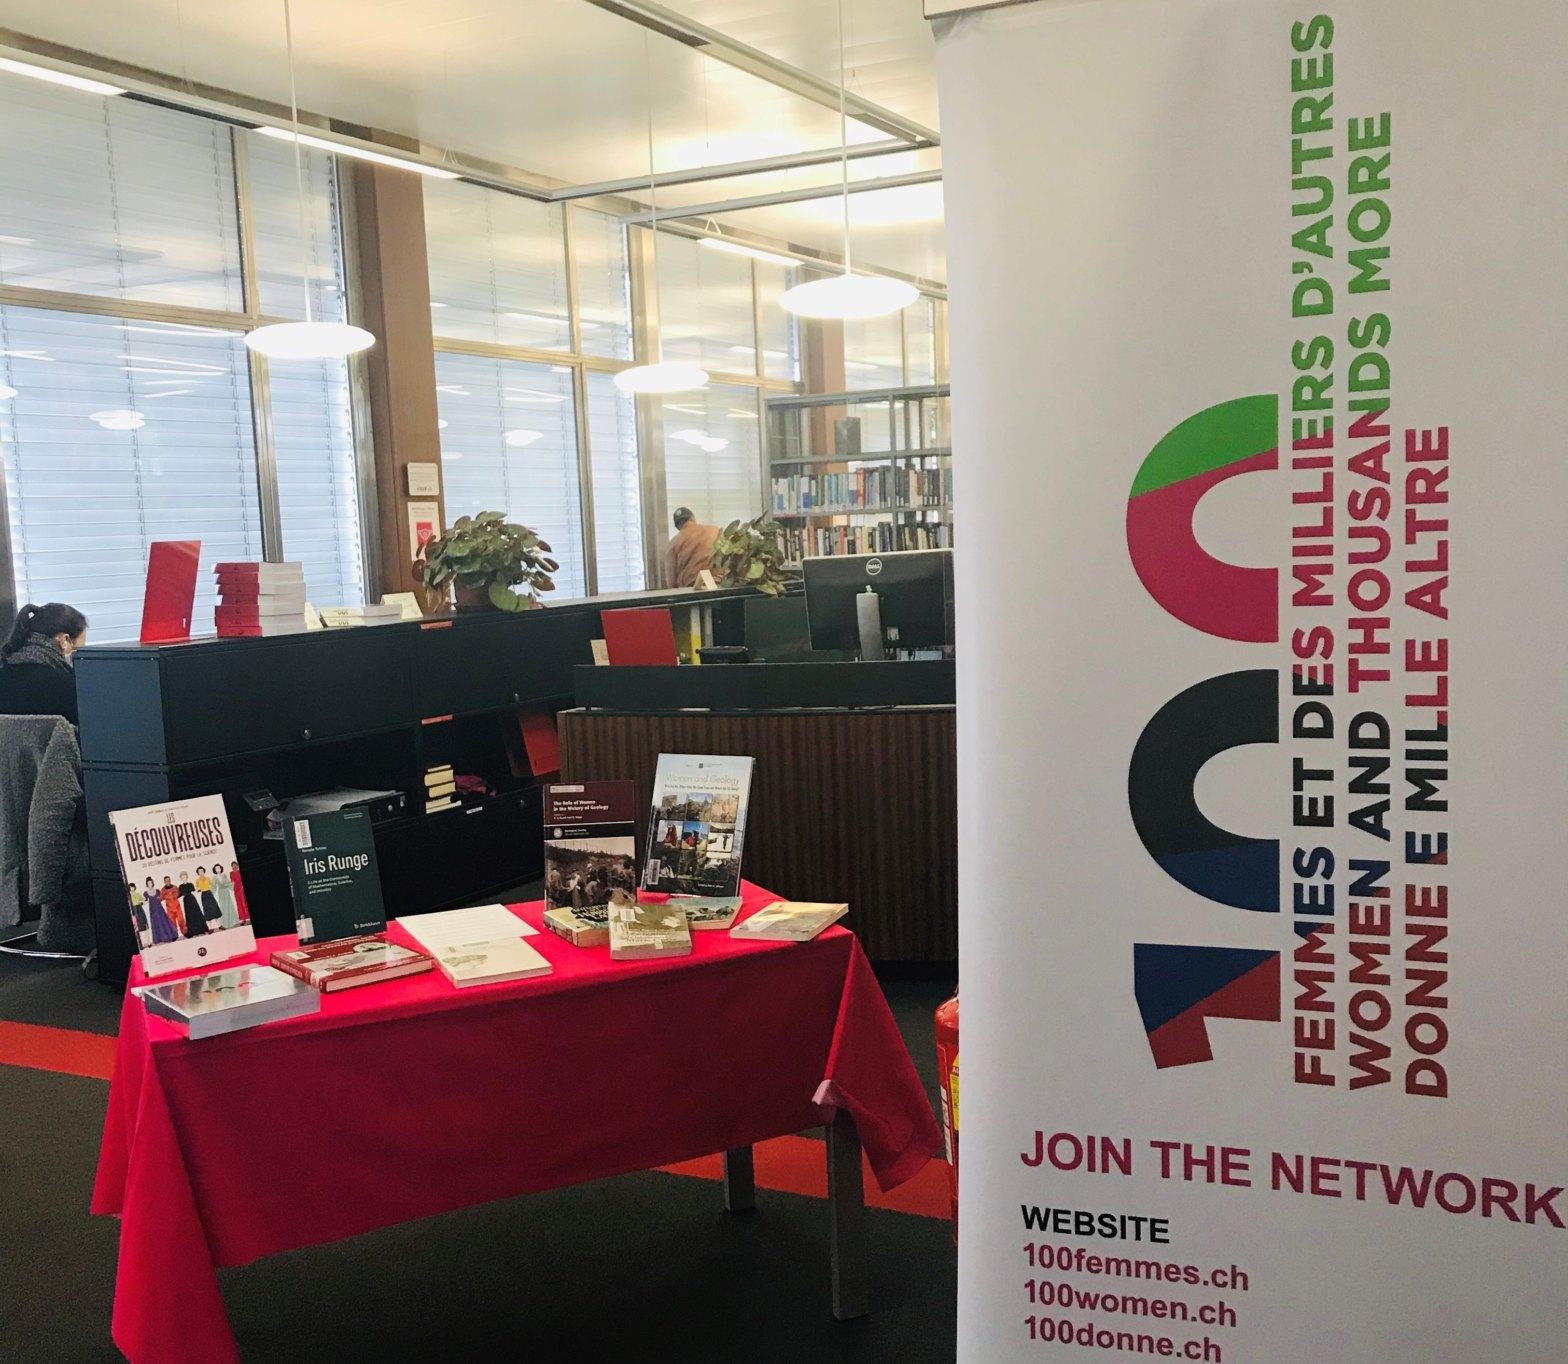 Le projet 100 femmes en tournée dans les bibliothèques de l'UNIGE